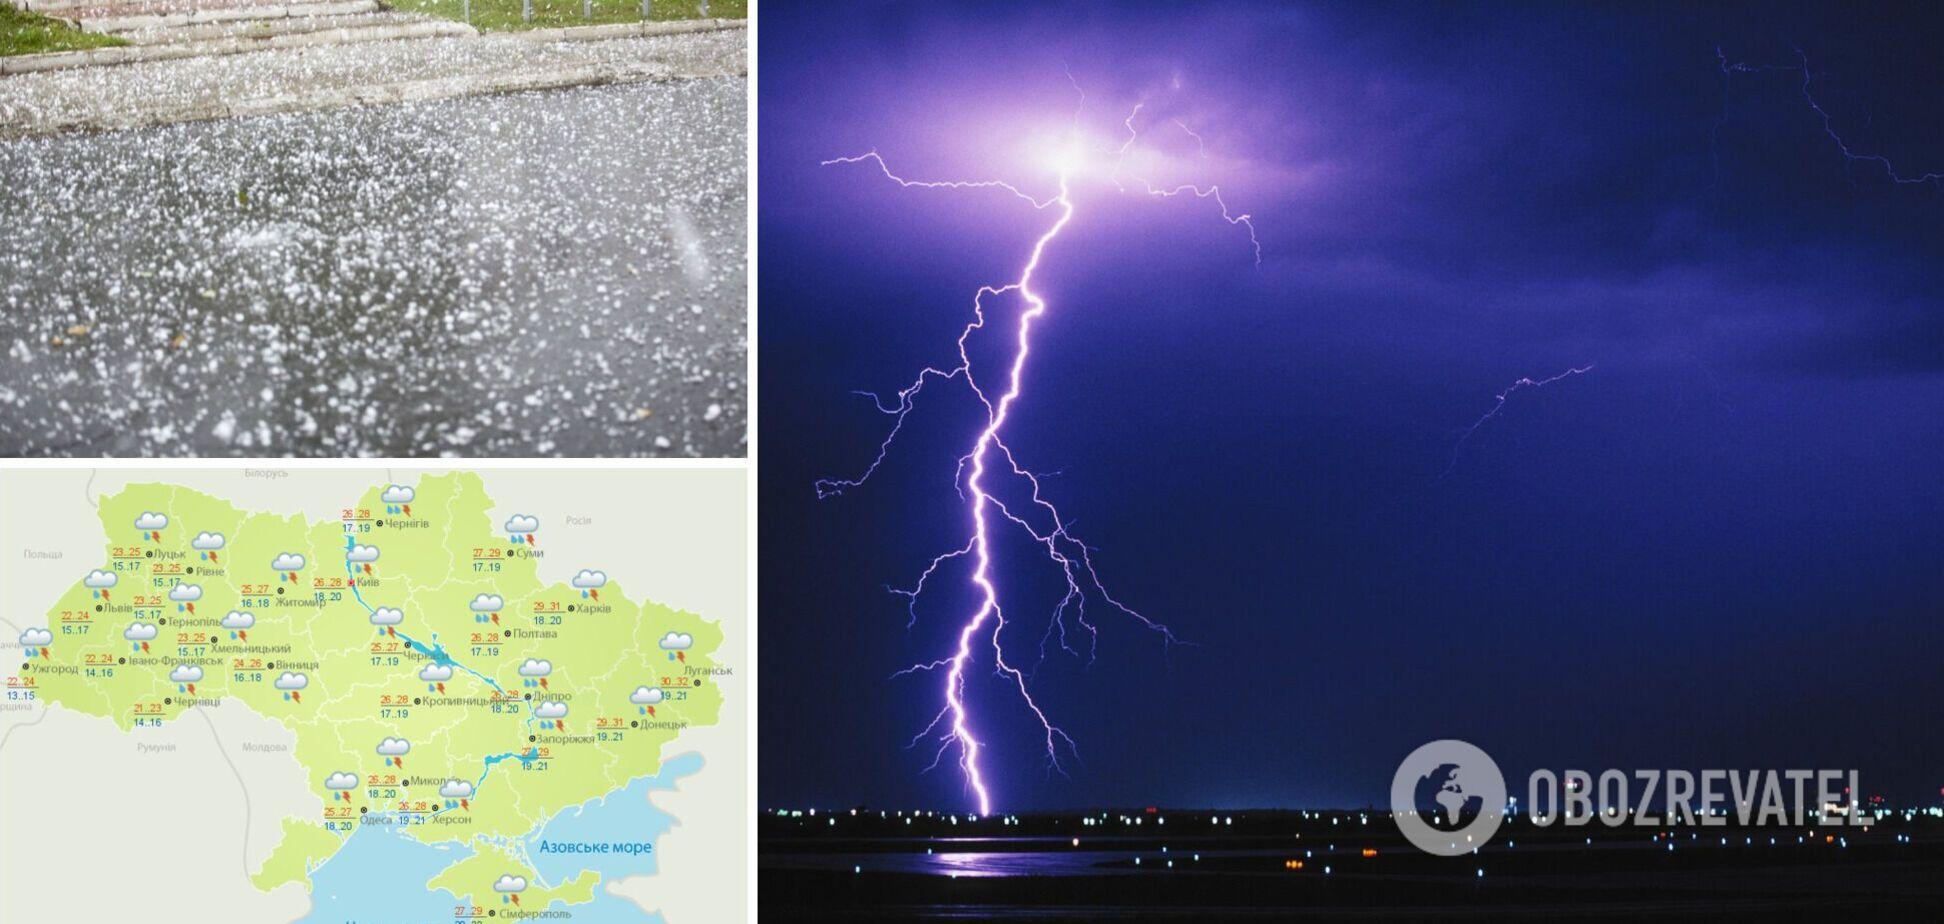 Непогода в субботу накроет всю Украину: где ждать град и шторм. Карта